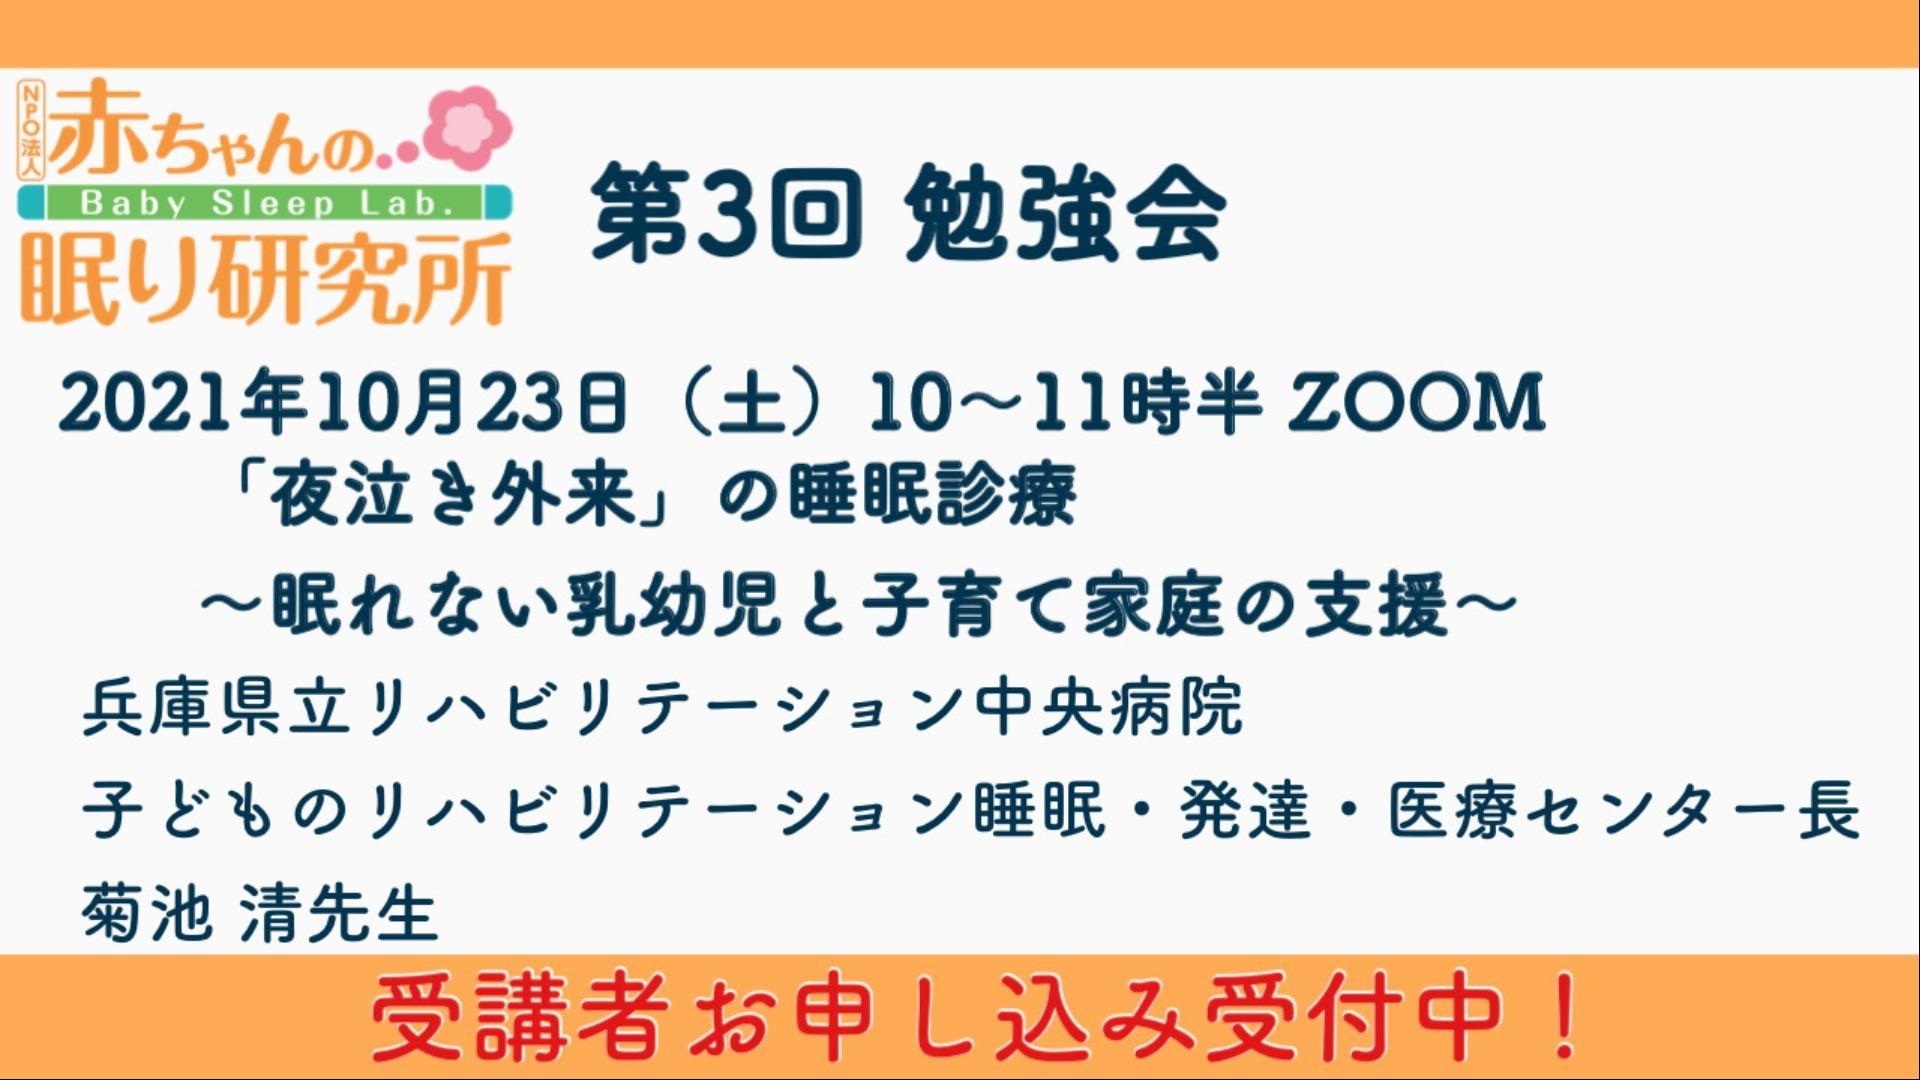 【参加者募集中】10/23(土)第3回「ねんねの教室」勉強会